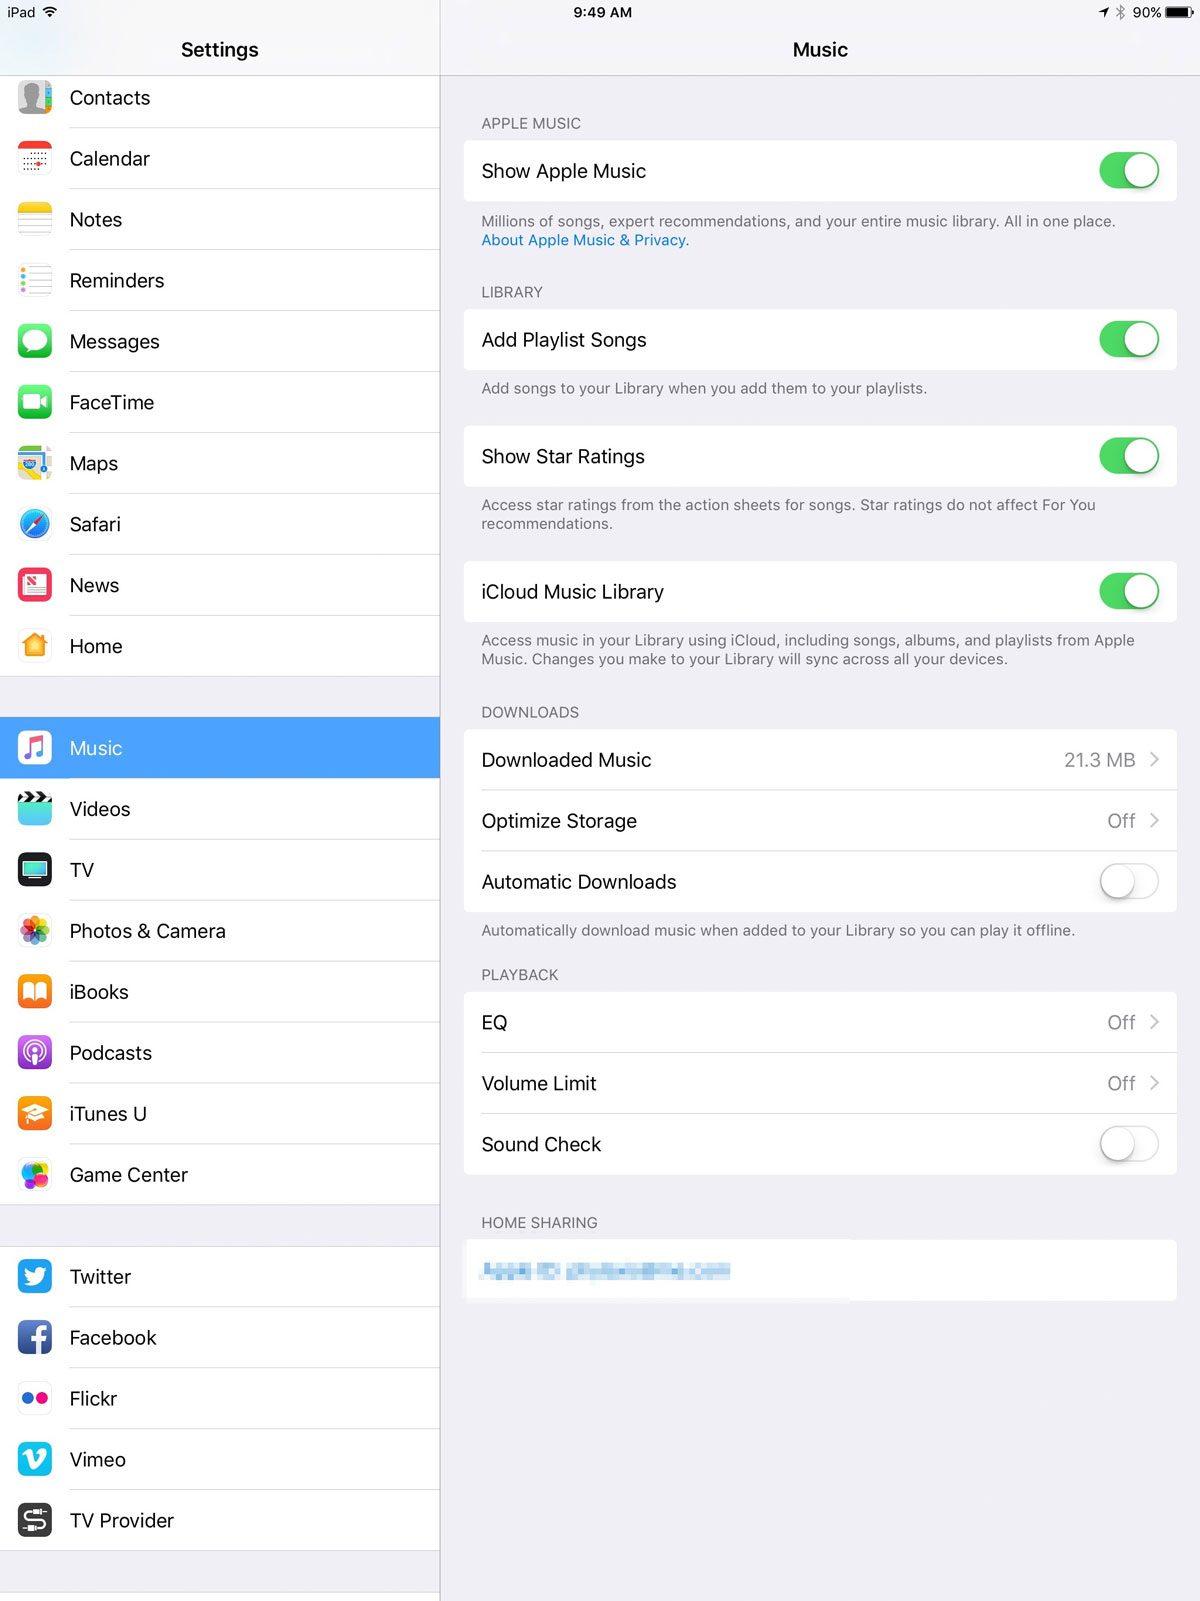 iOS 10.2 Music settings